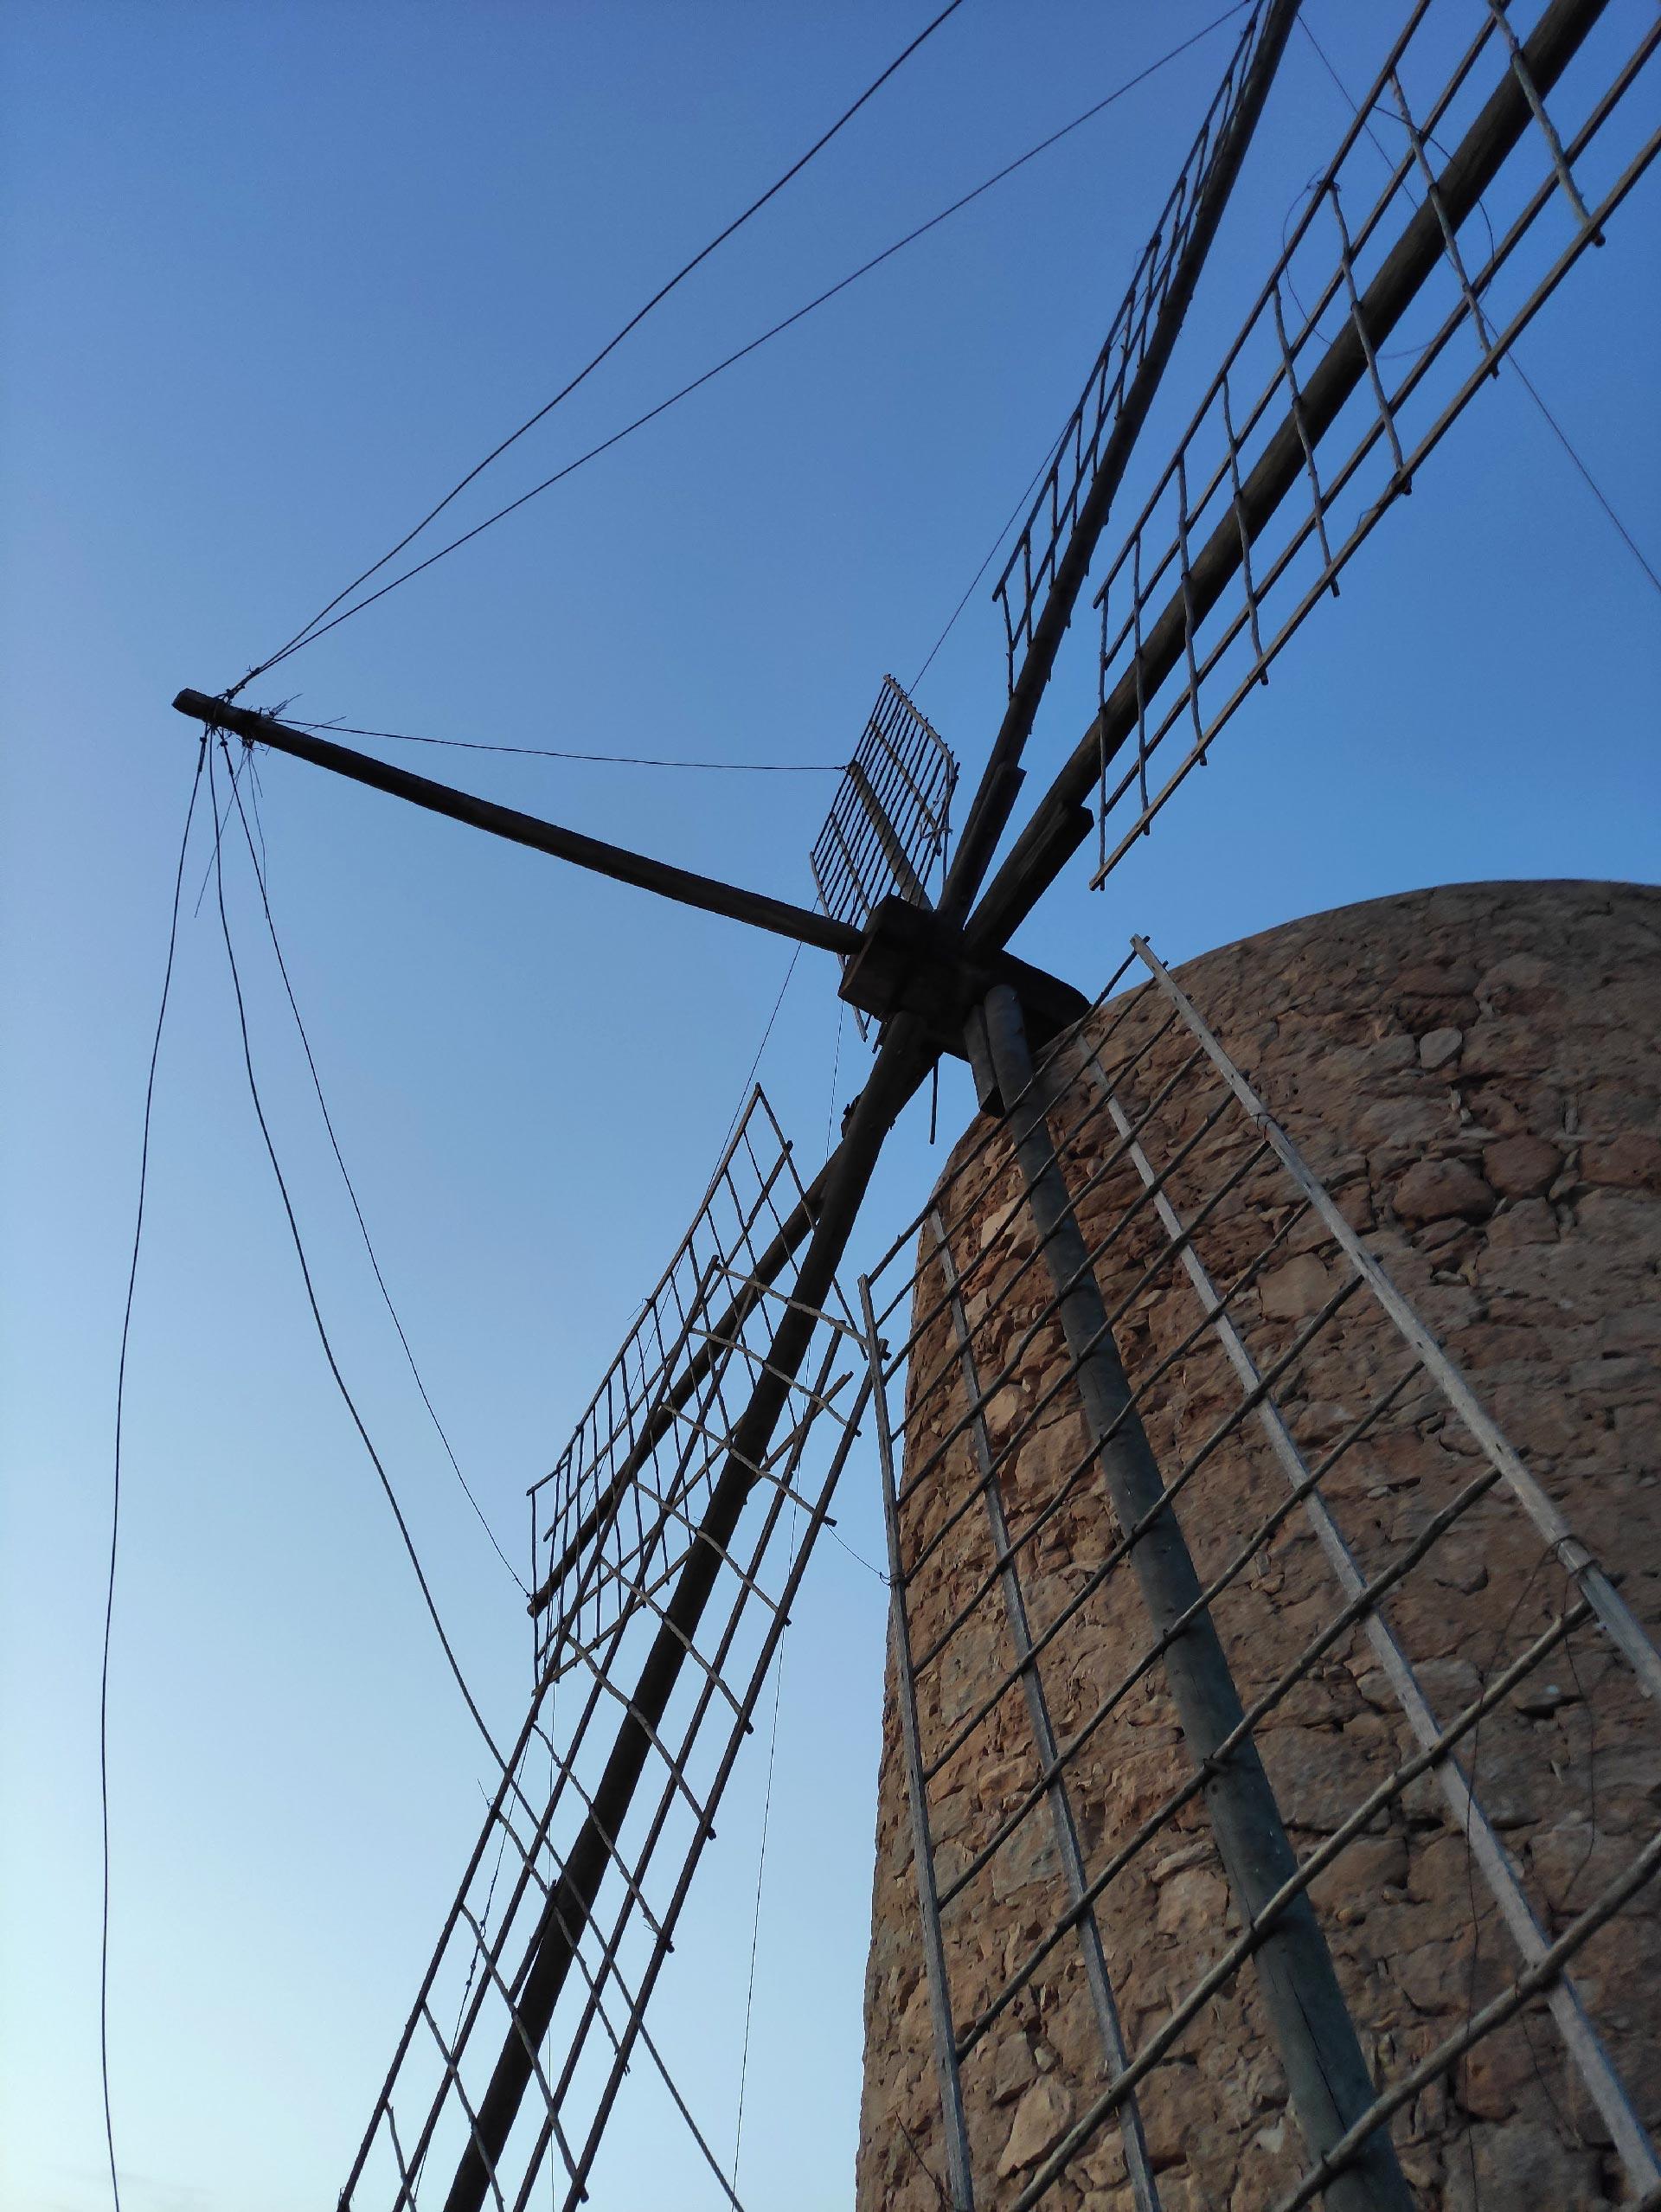 Le pale del mulino a vento di San Francesc, Formentera